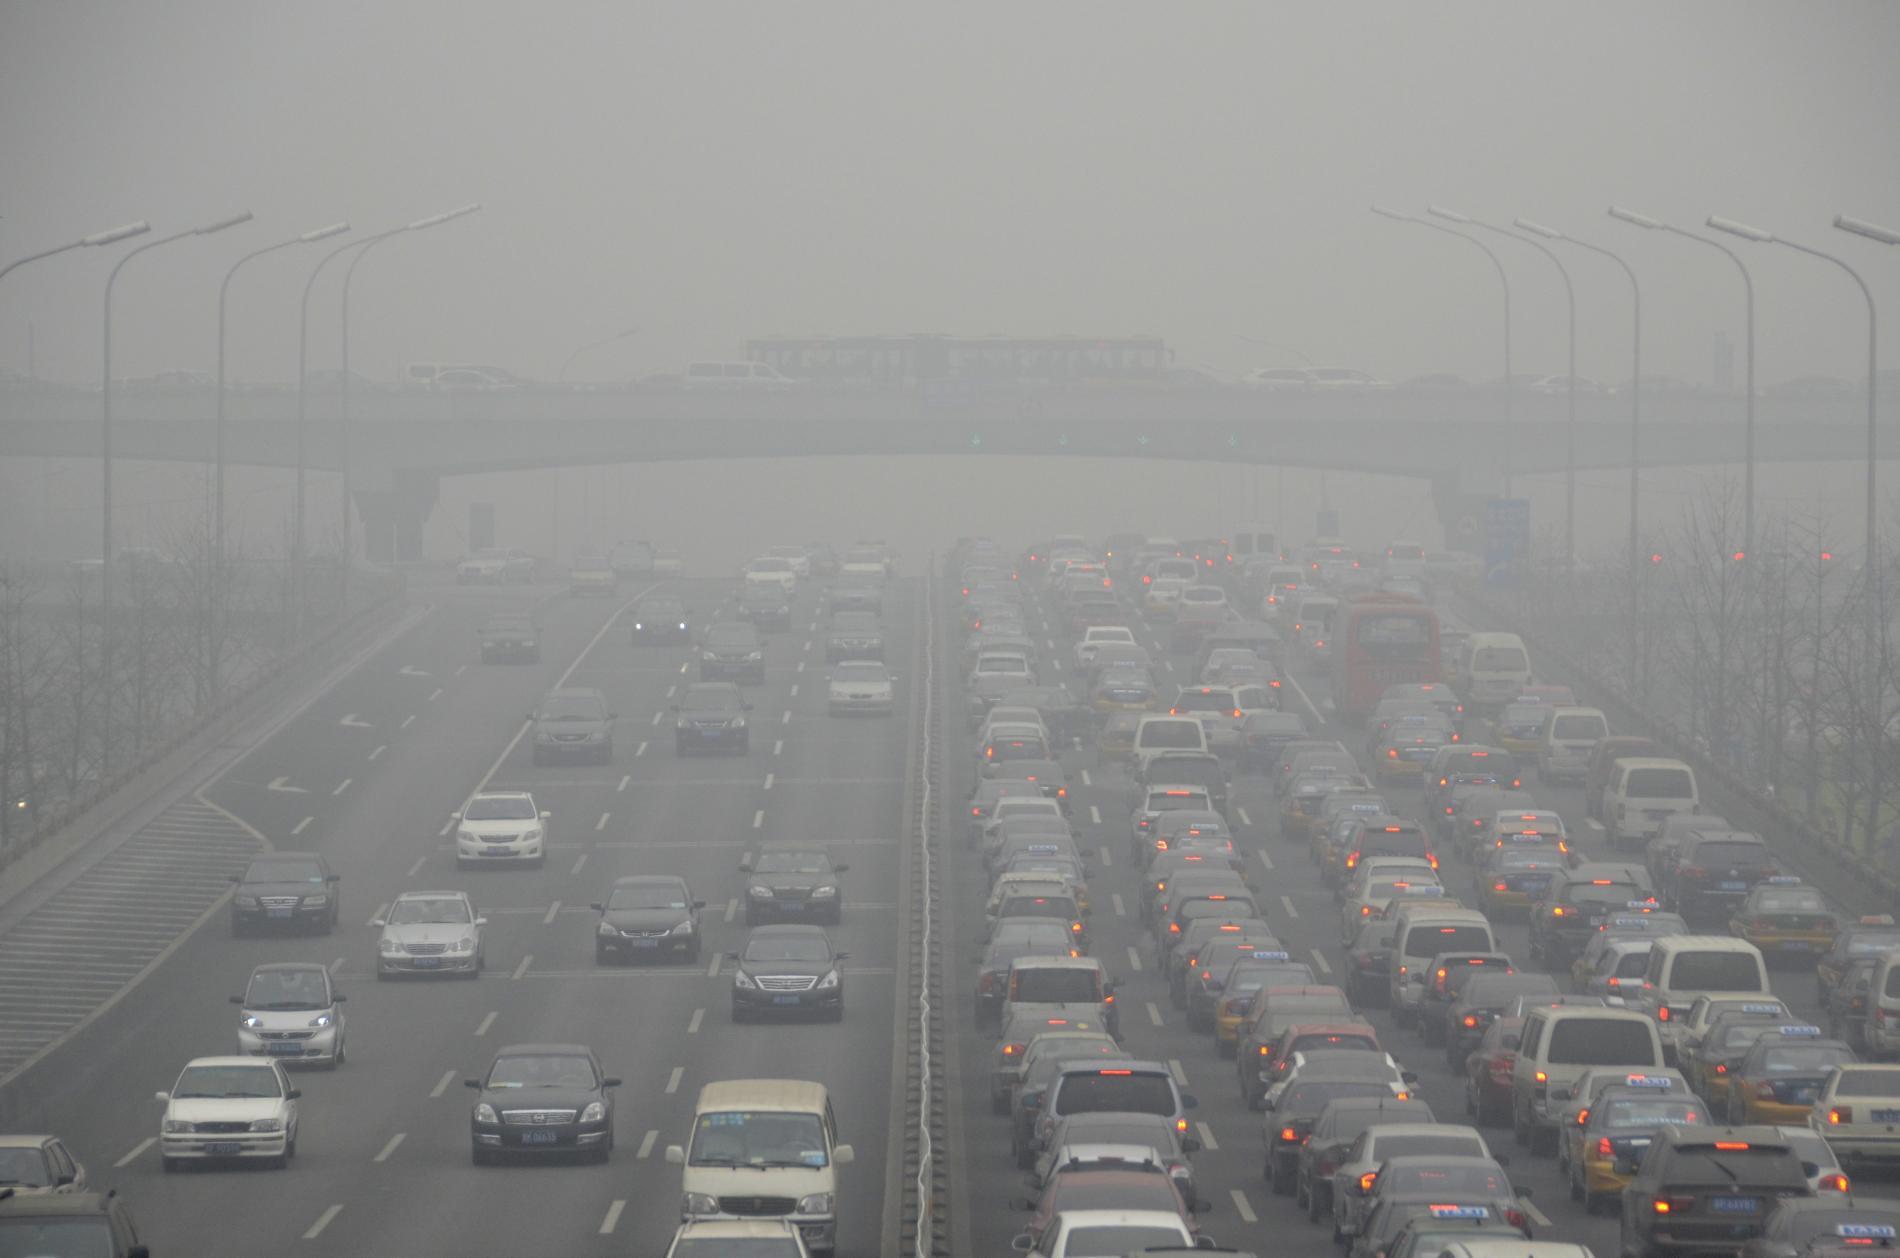 La surchauffe démographique responsable du changement climatique